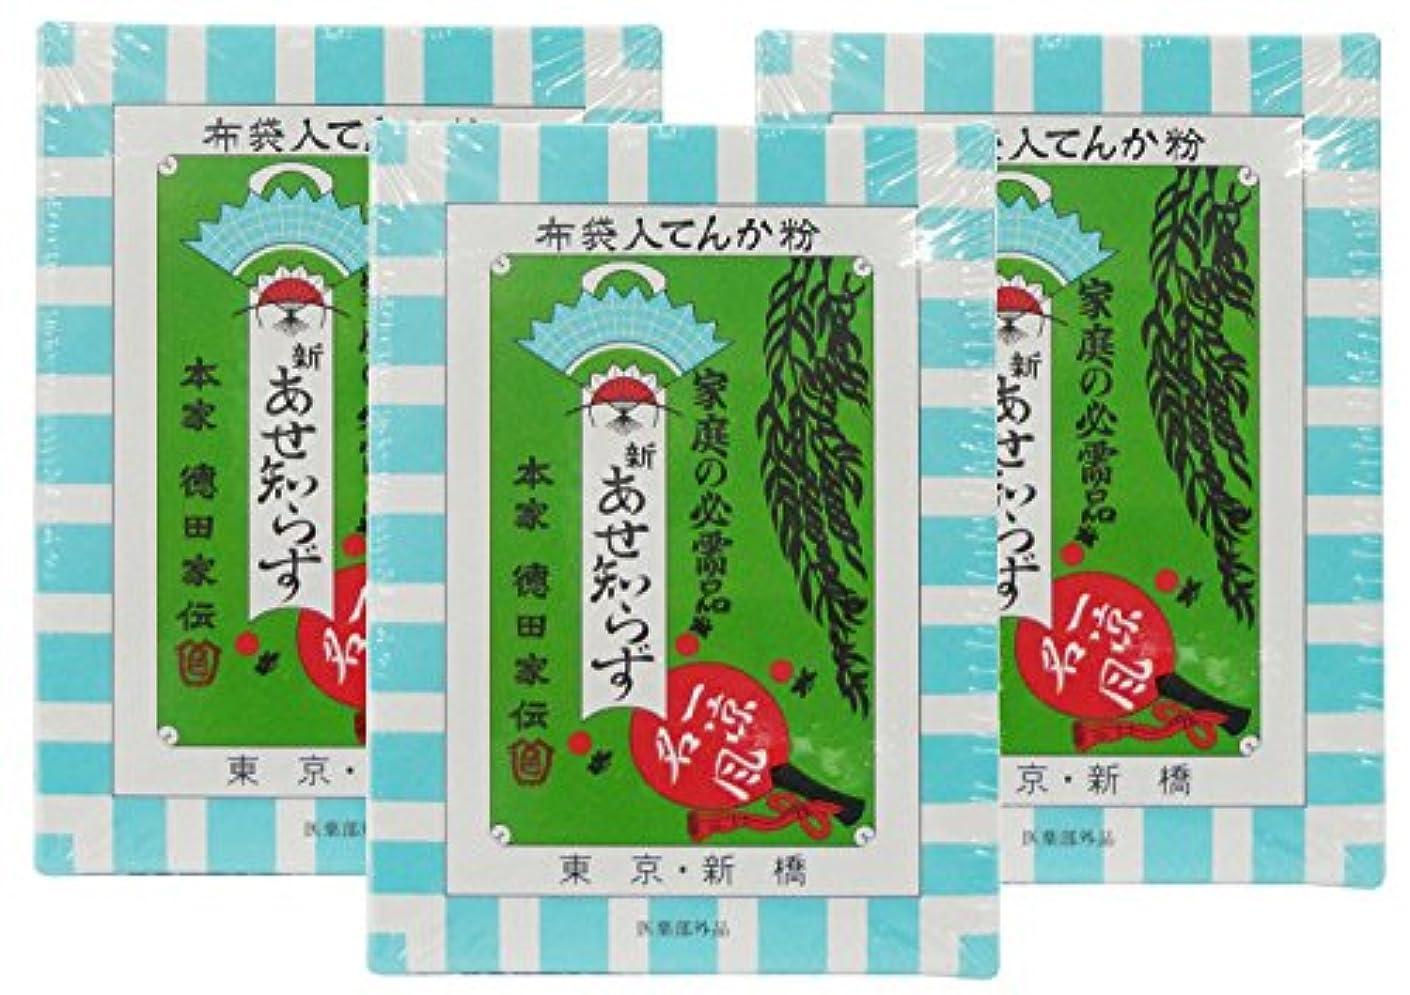 ホールド代わりのむさぼり食う紀陽除虫菊 布袋入てんか粉 新あせ知らず 100g×3個セット